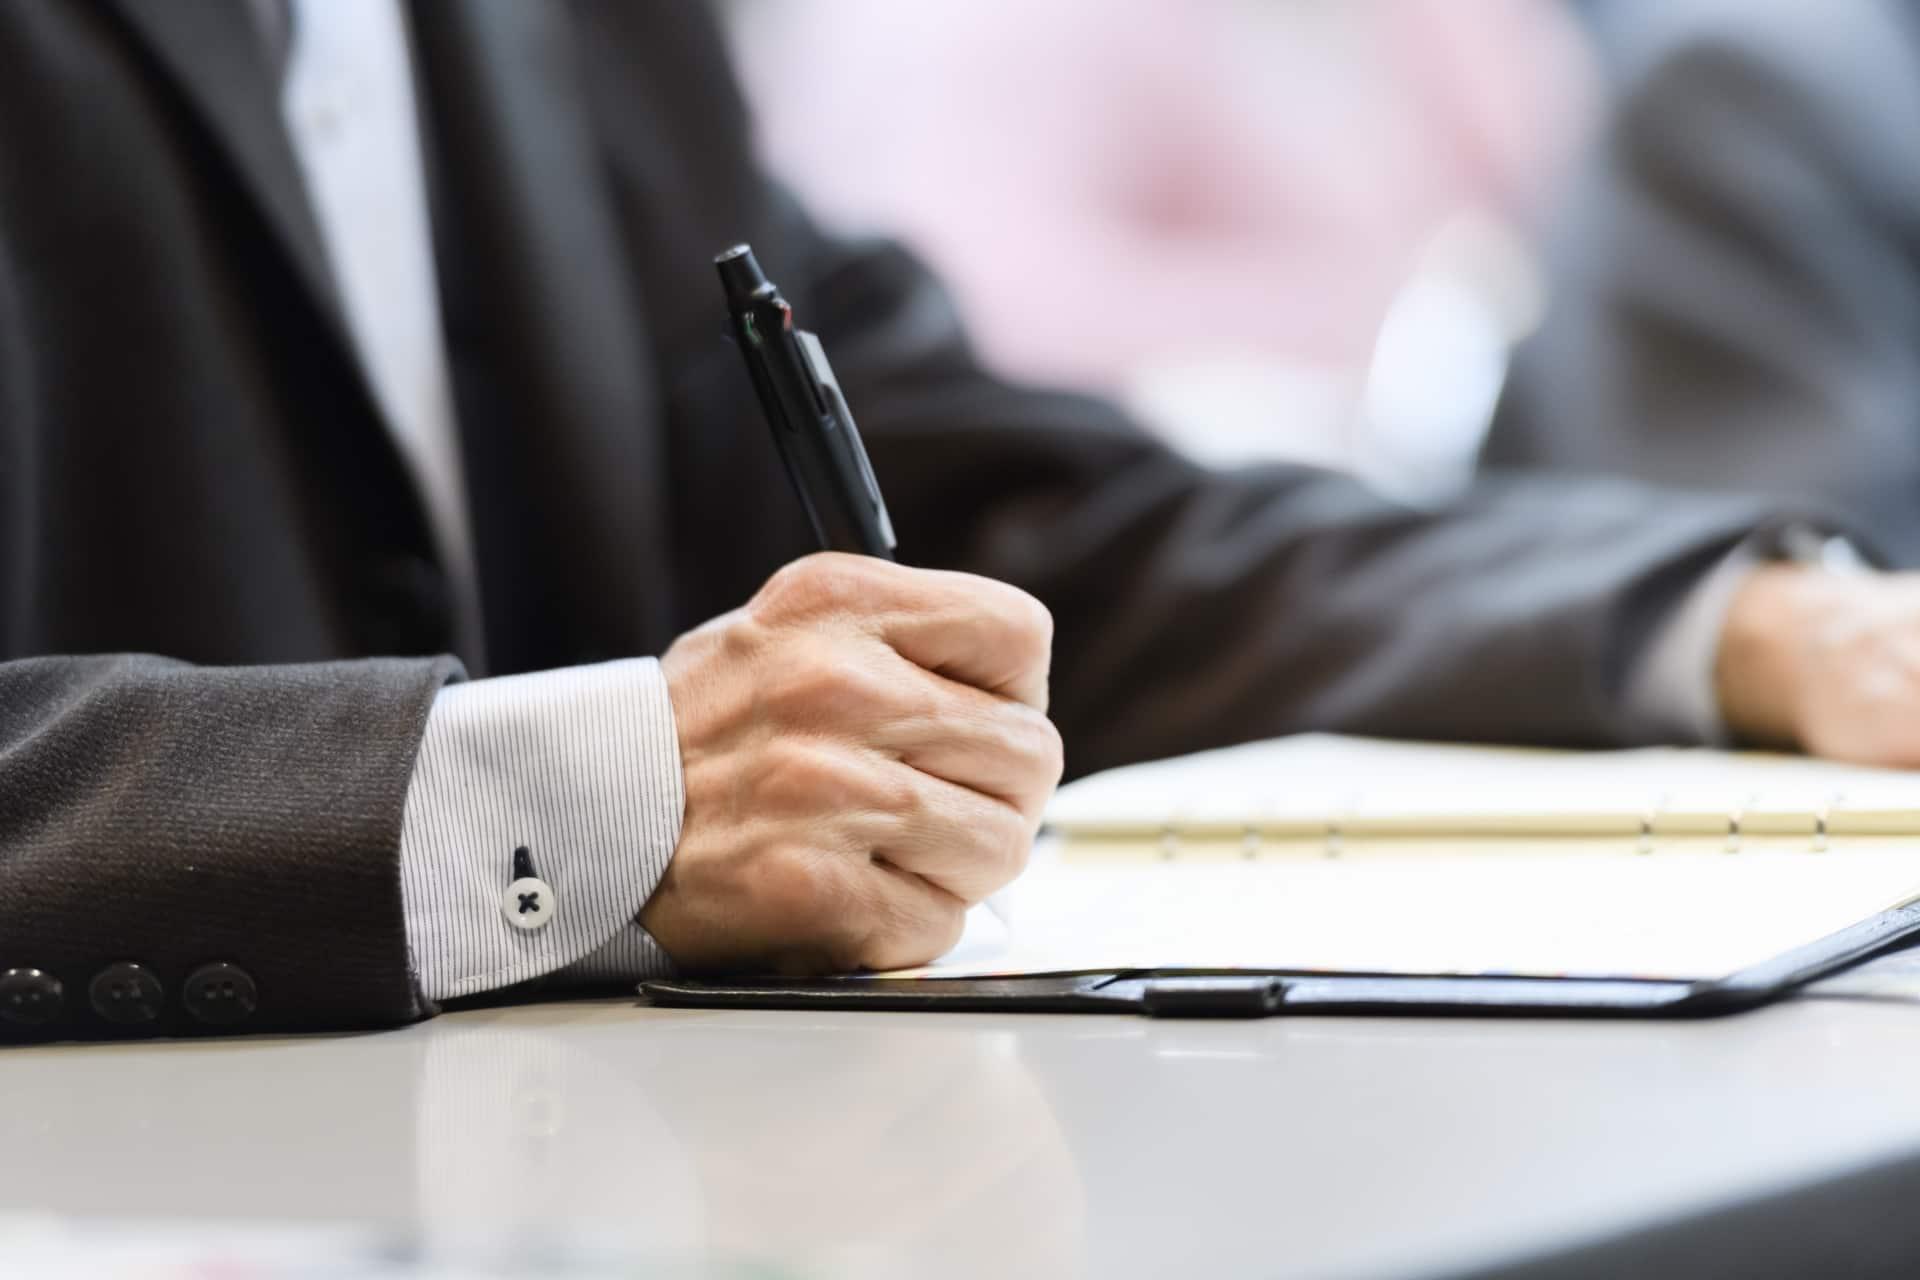 役員面接で採用を勝ち取るための対策は?よく聞かれる質問や回答のポイント